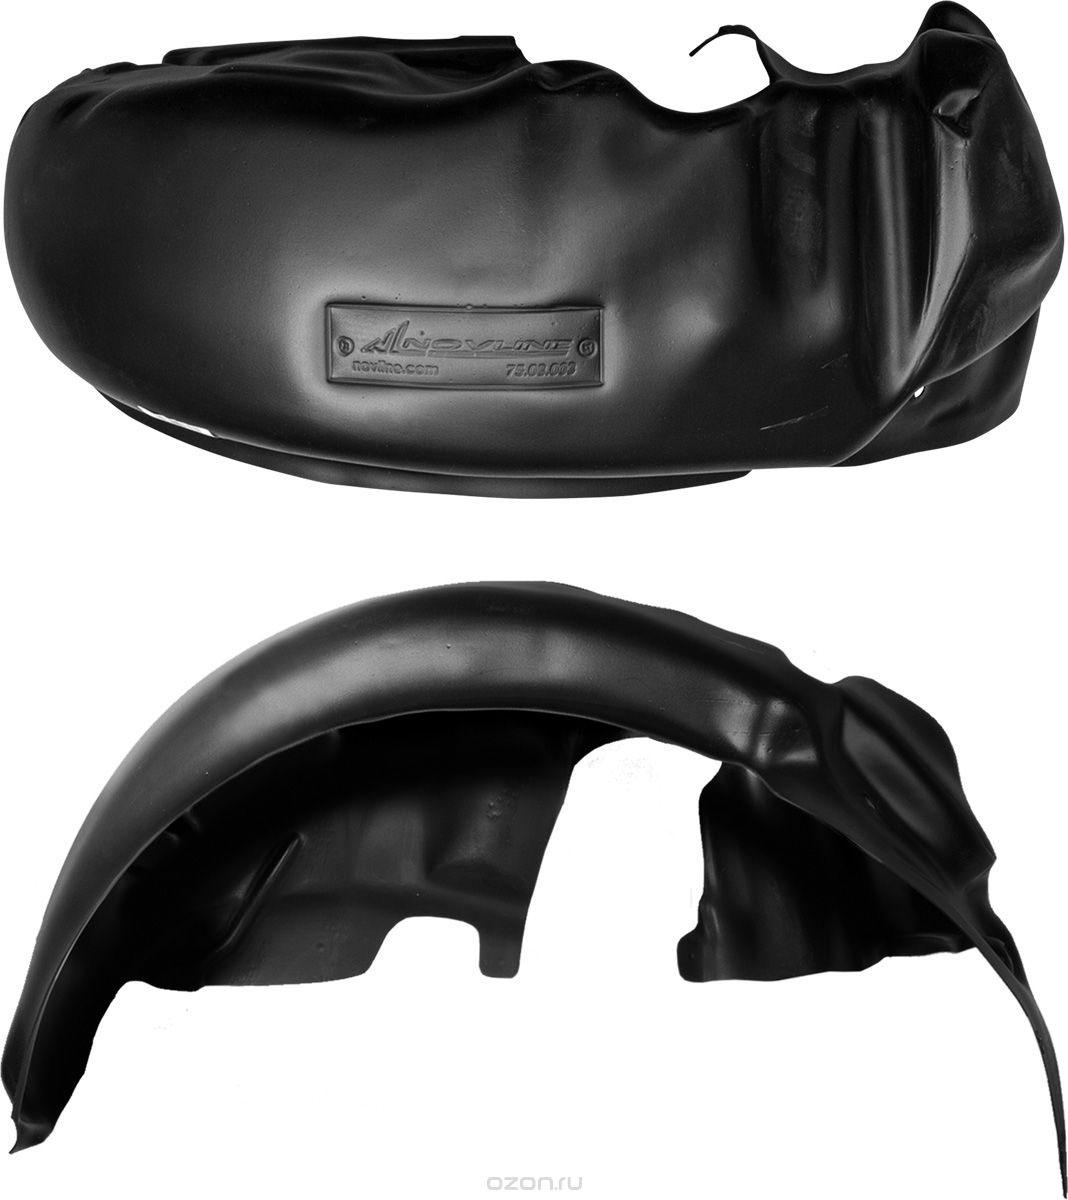 Подкрылок Novline-Autofamily, для TOYOTA Camry, 2014->, задний правыйVCA-00Идеальная защита колесной ниши. Локеры разработаны с применением цифровых технологий, гарантируют максимальную повторяемость поверхности арки. Изделия устанавливаются без нарушения лакокрасочного покрытия автомобиля, каждый подкрылок комплектуется крепежом. Уважаемые клиенты, обращаем ваше внимание, что фотографии на подкрылки универсальные и не отражают реальную форму изделия. При этом само изделие идет точно под размер указанного автомобиля.